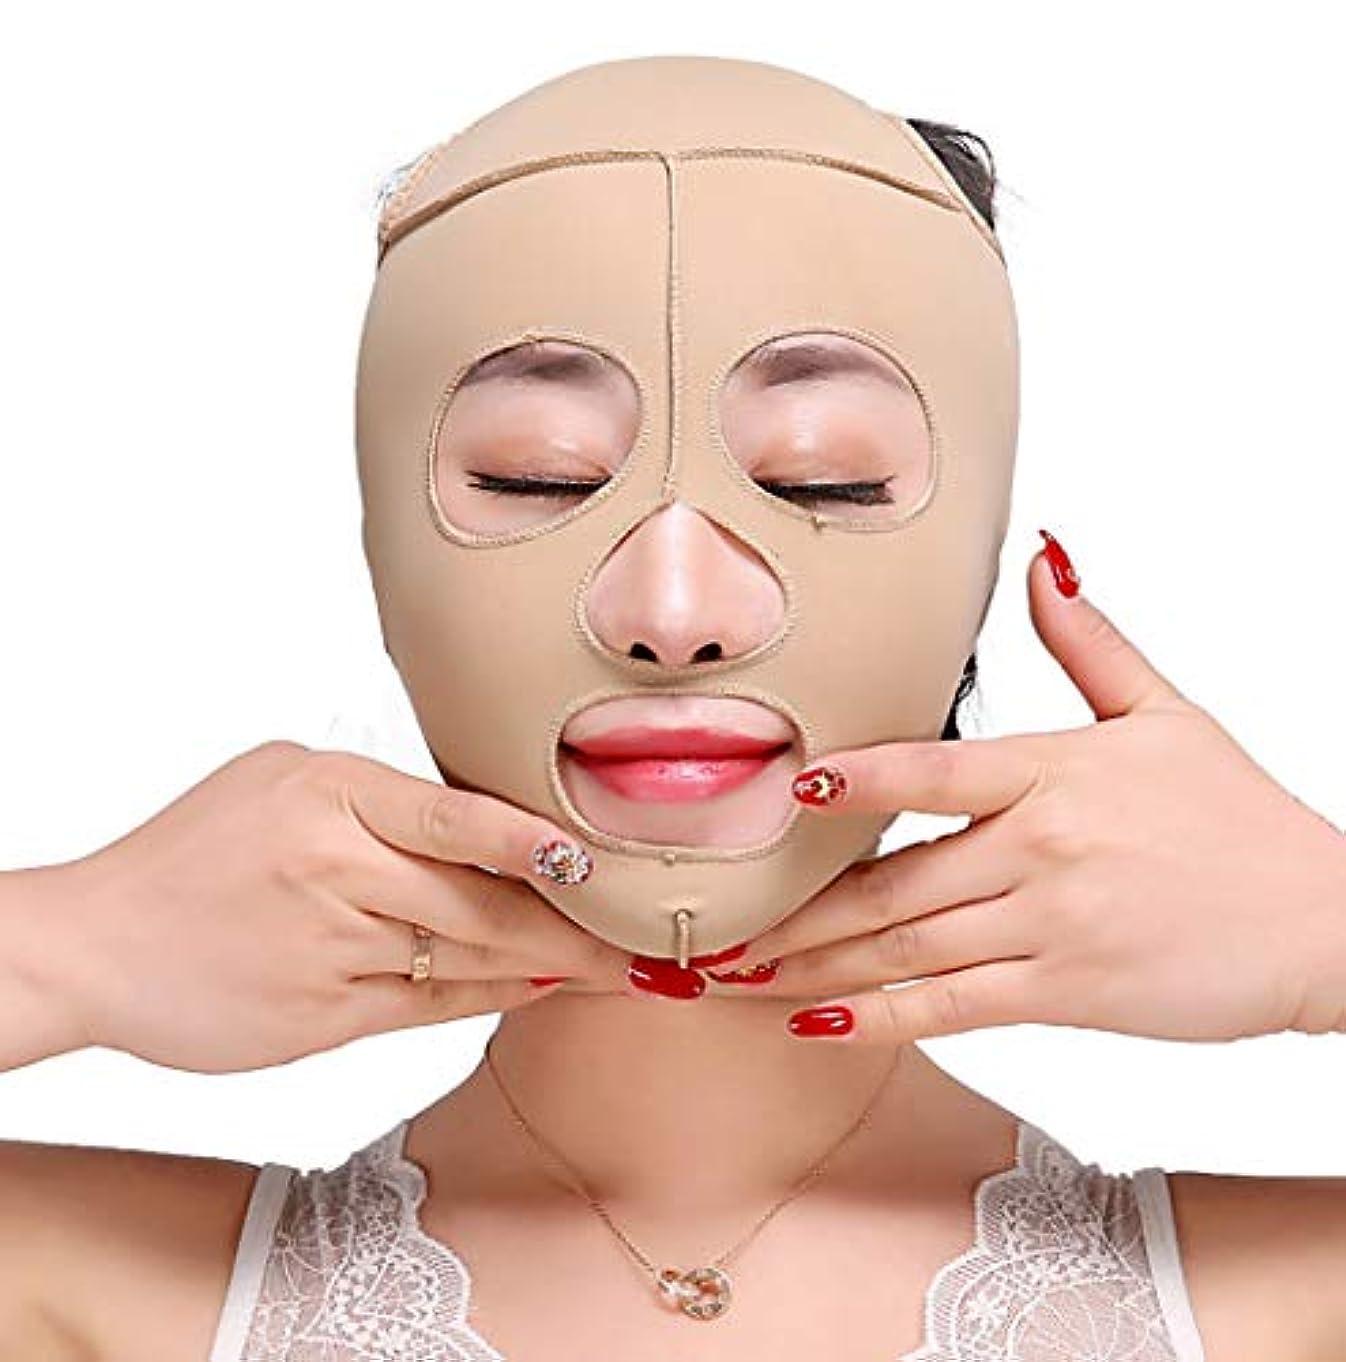 お母さん多様性ロッジGLJJQMY 痩身ベルト痩身ベルト薄い顔の包帯小V顔の顔の薄い顔のマスク包帯の強化引き締めV顔美容マスク小さな顔の包帯の頭飾り修正顔の形 顔用整形マスク (Size : M)